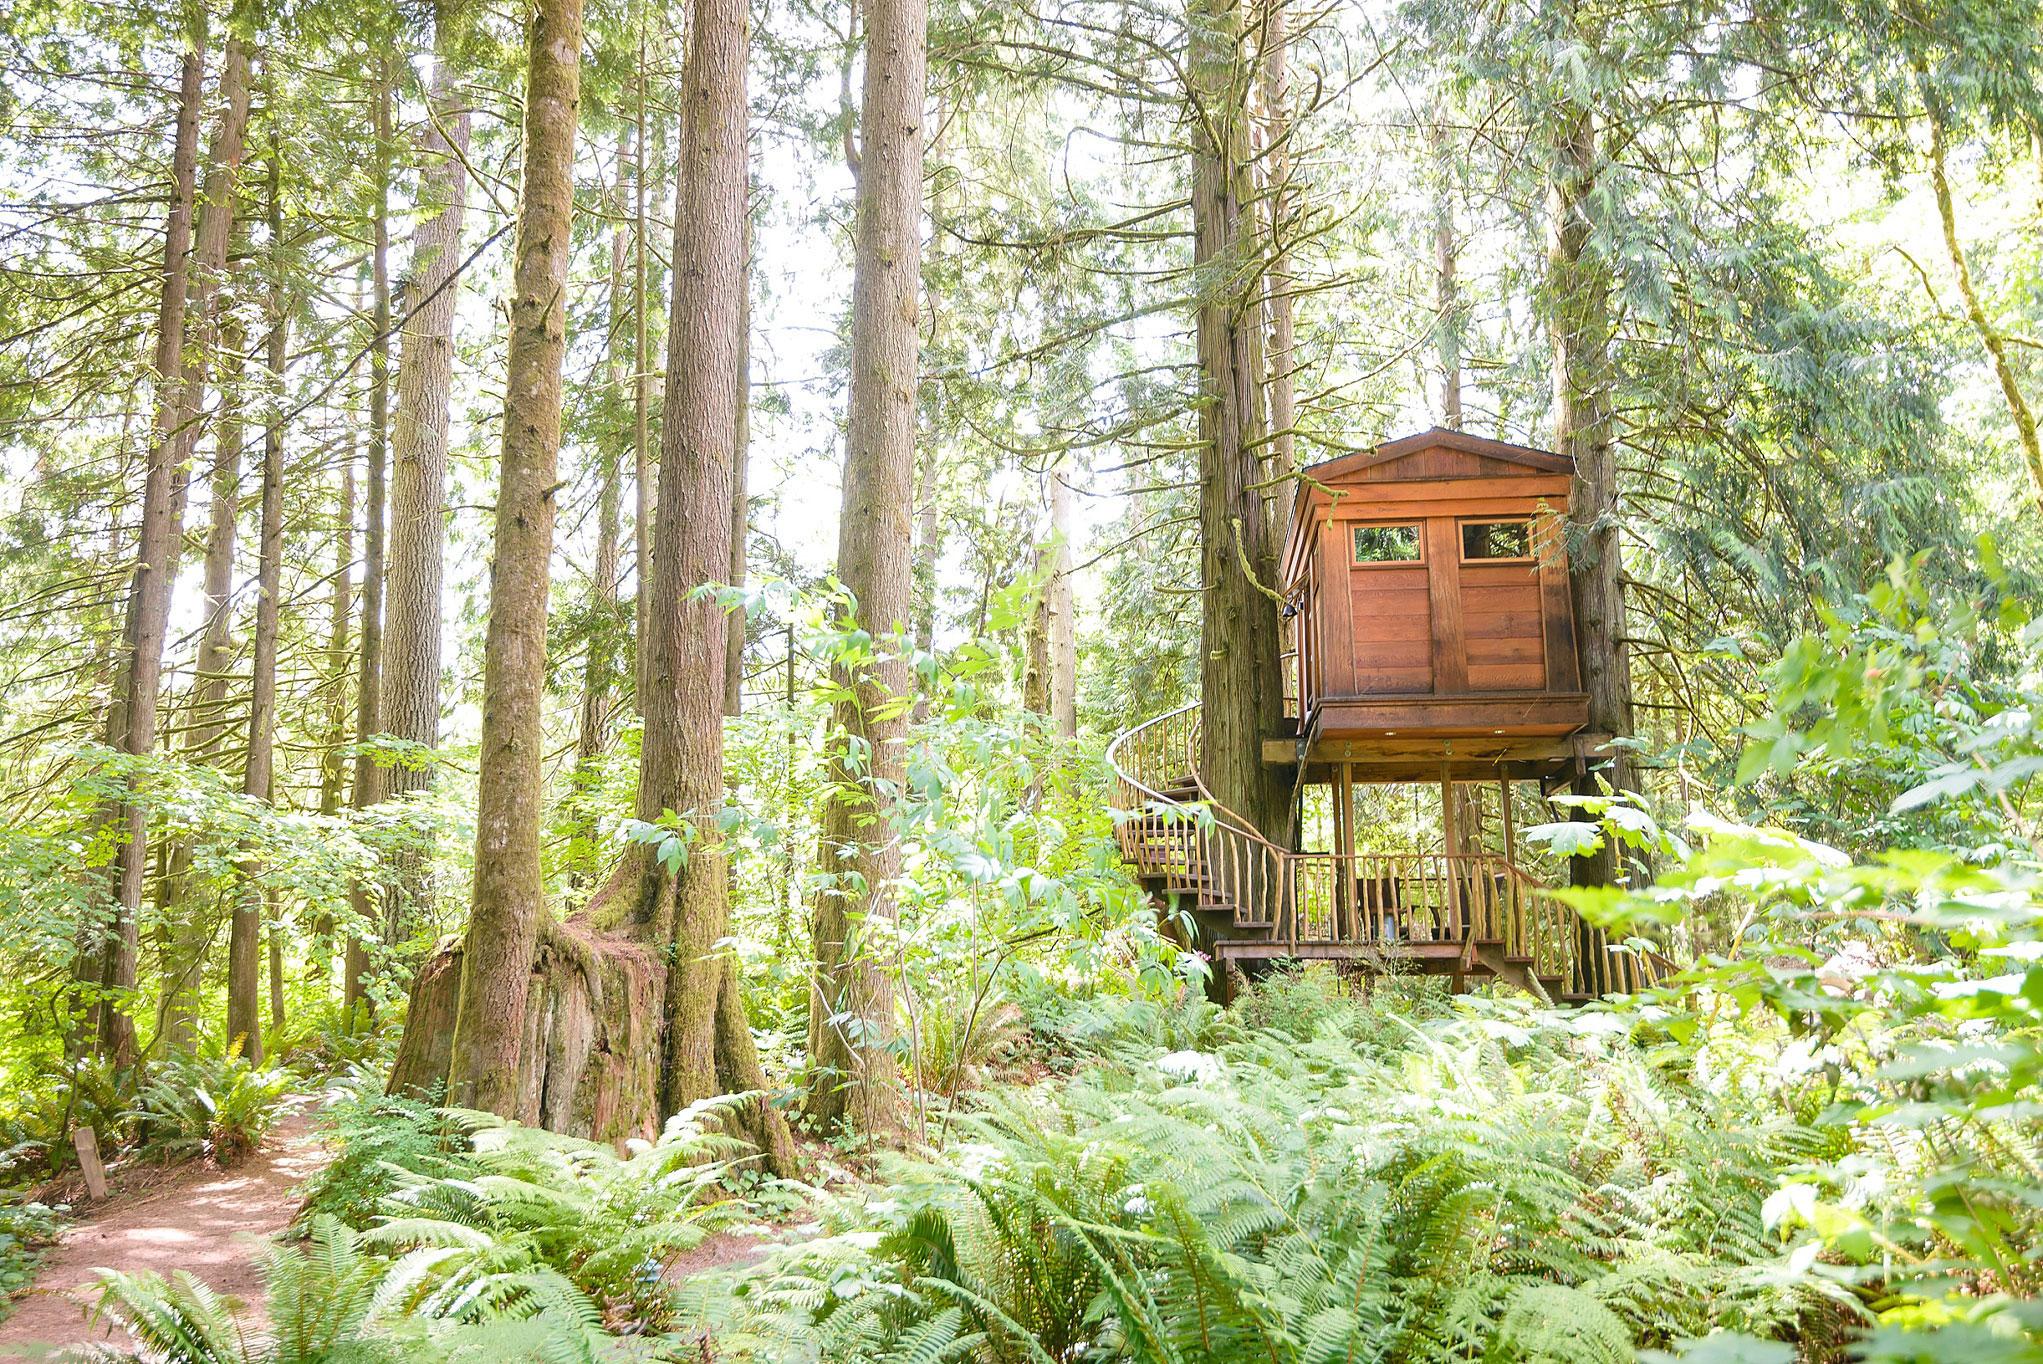 Treehouse Fall City Wa Part - 26: TreeHouse Photos At Treehouse Point In Fall City Washington